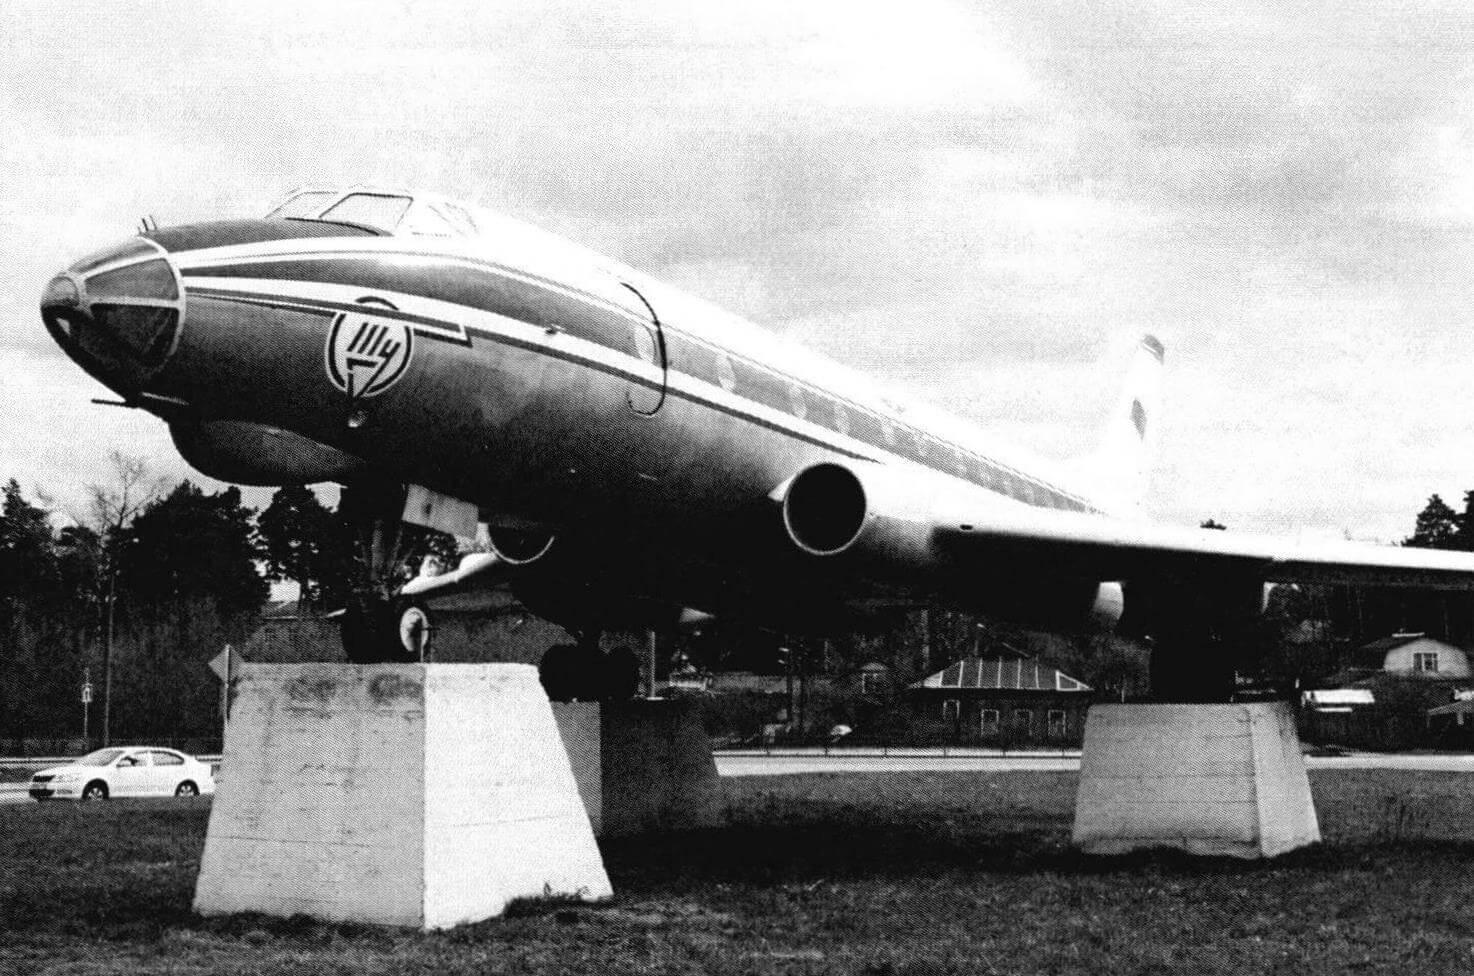 Самолет-памятник Ту-124К в городе Кимры после реставрации